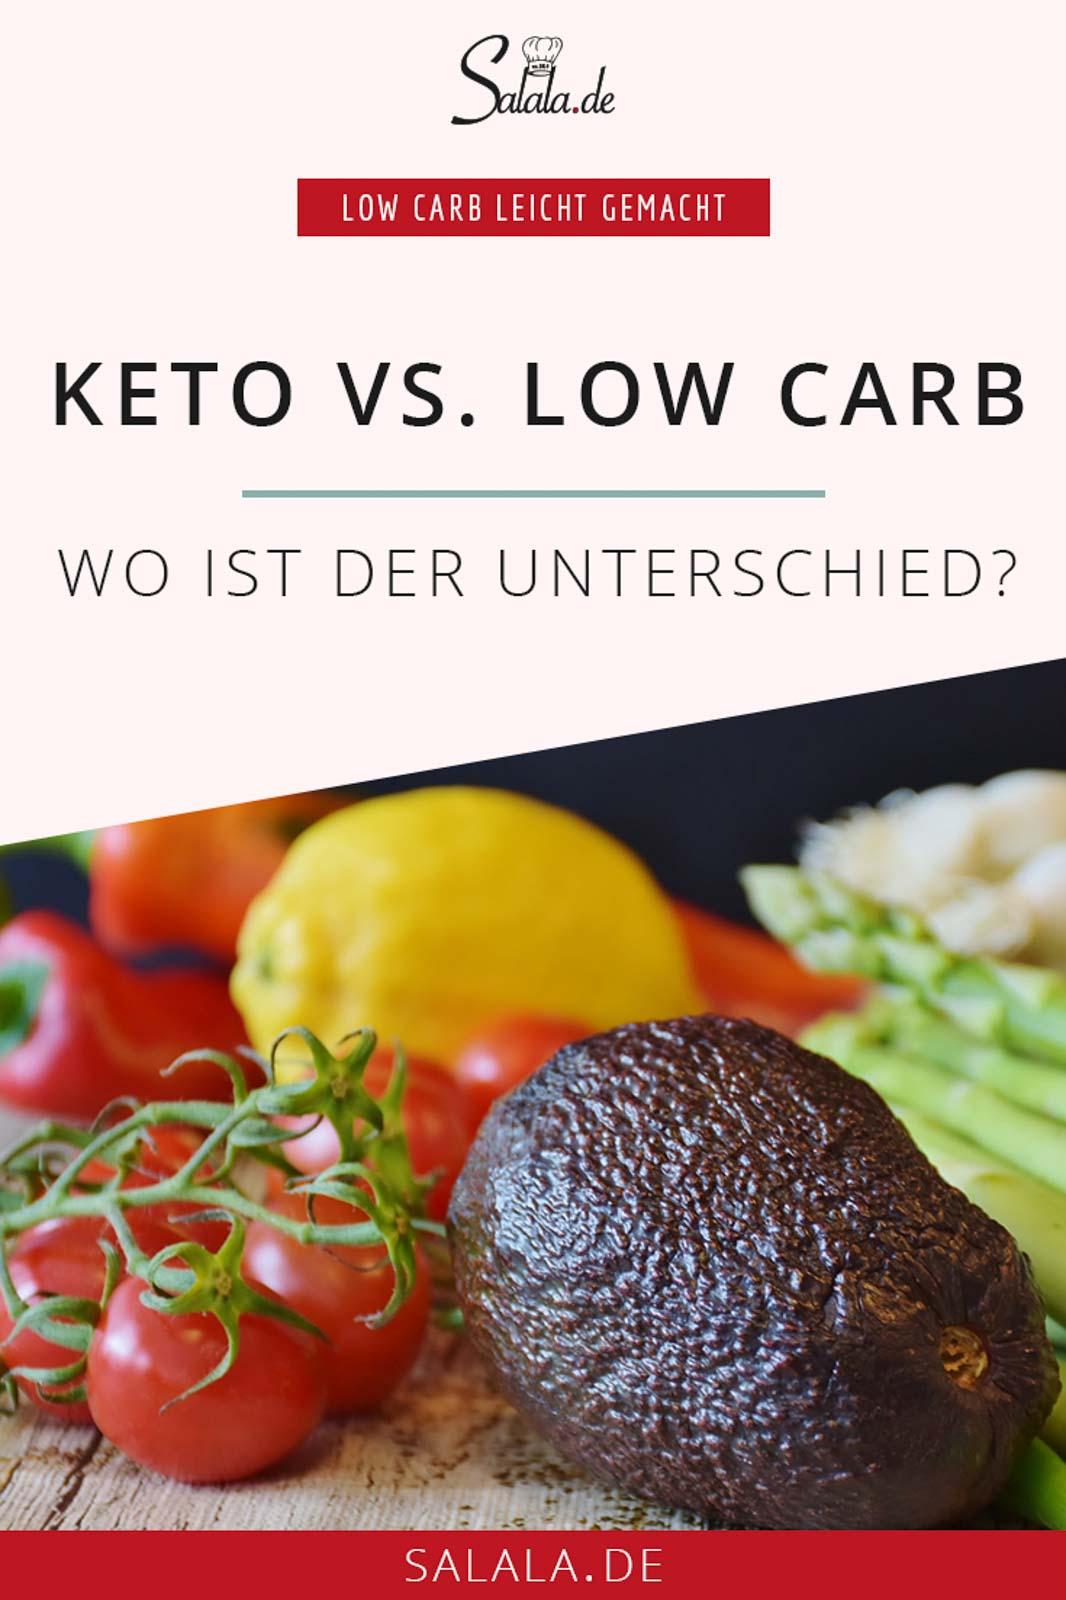 """Ketogene Ernährung gegen Low Carb. Wo liegen die Gemeinsamkeiten und die Unterschiede? Was macht Keto so """"anders""""?  #keto #lowcarb"""